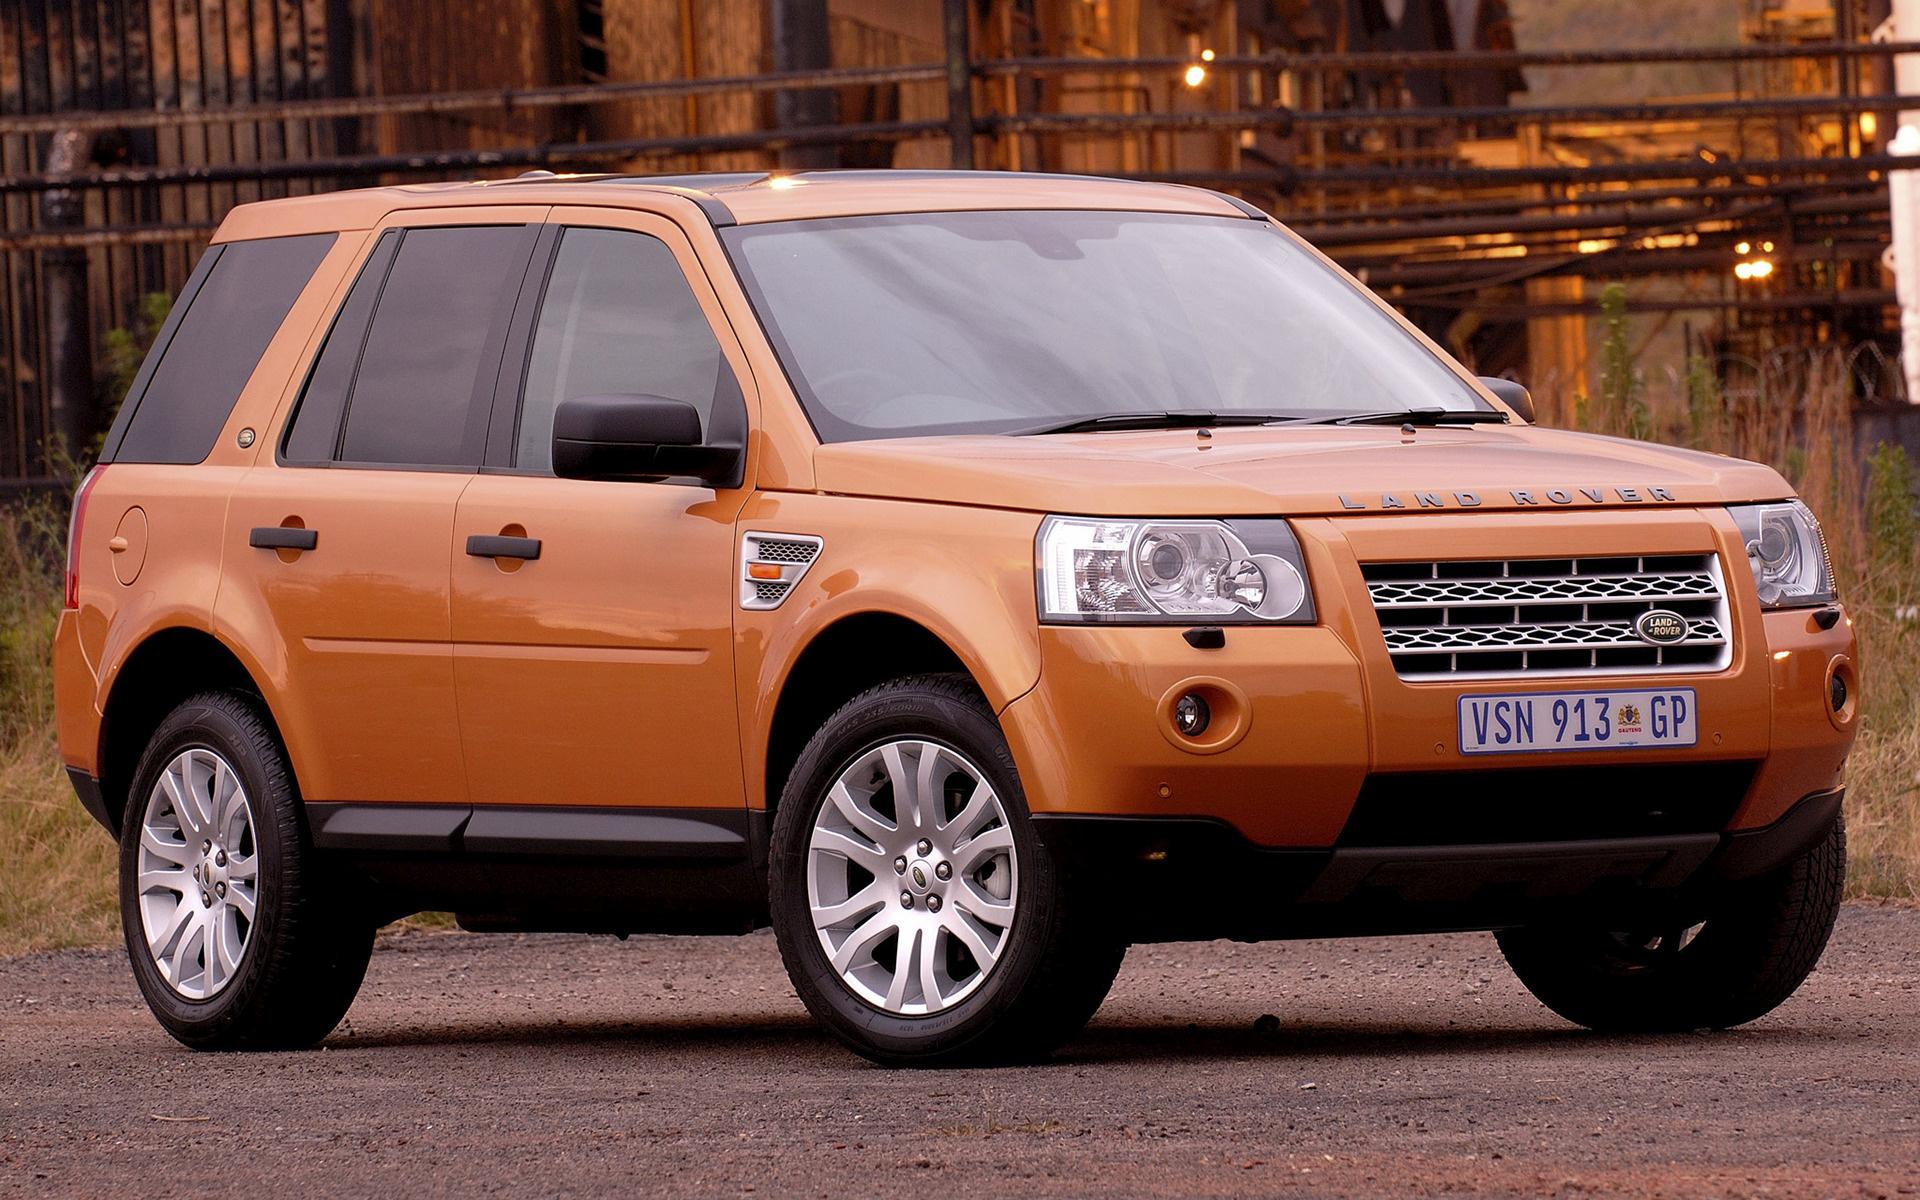 https://www.carpixel.net/w/b3bf831f88137e8a80d9cb8744e74991/land-rover-freelander-2-hse-car-wallpaper-37237.jpg